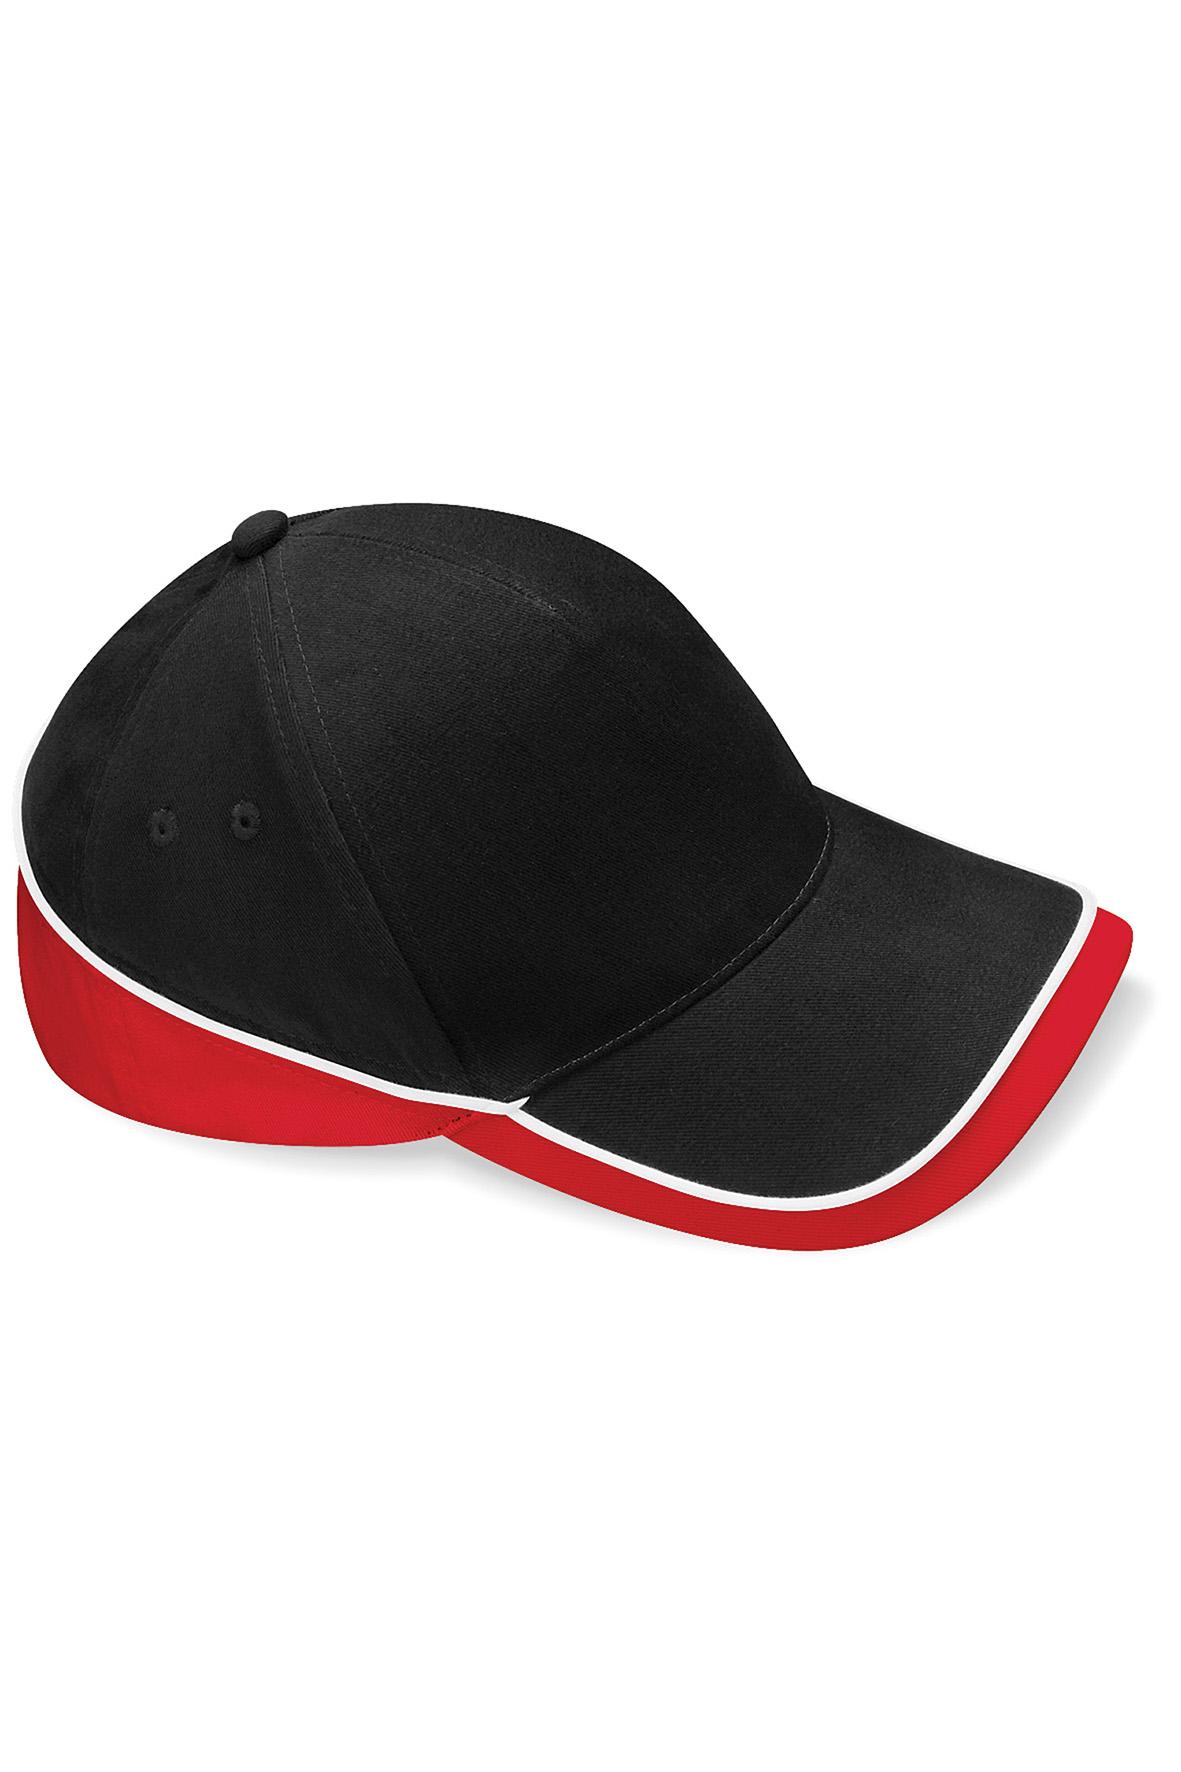 Teamwear Lippis Musta - Classic Red - Valkoinen